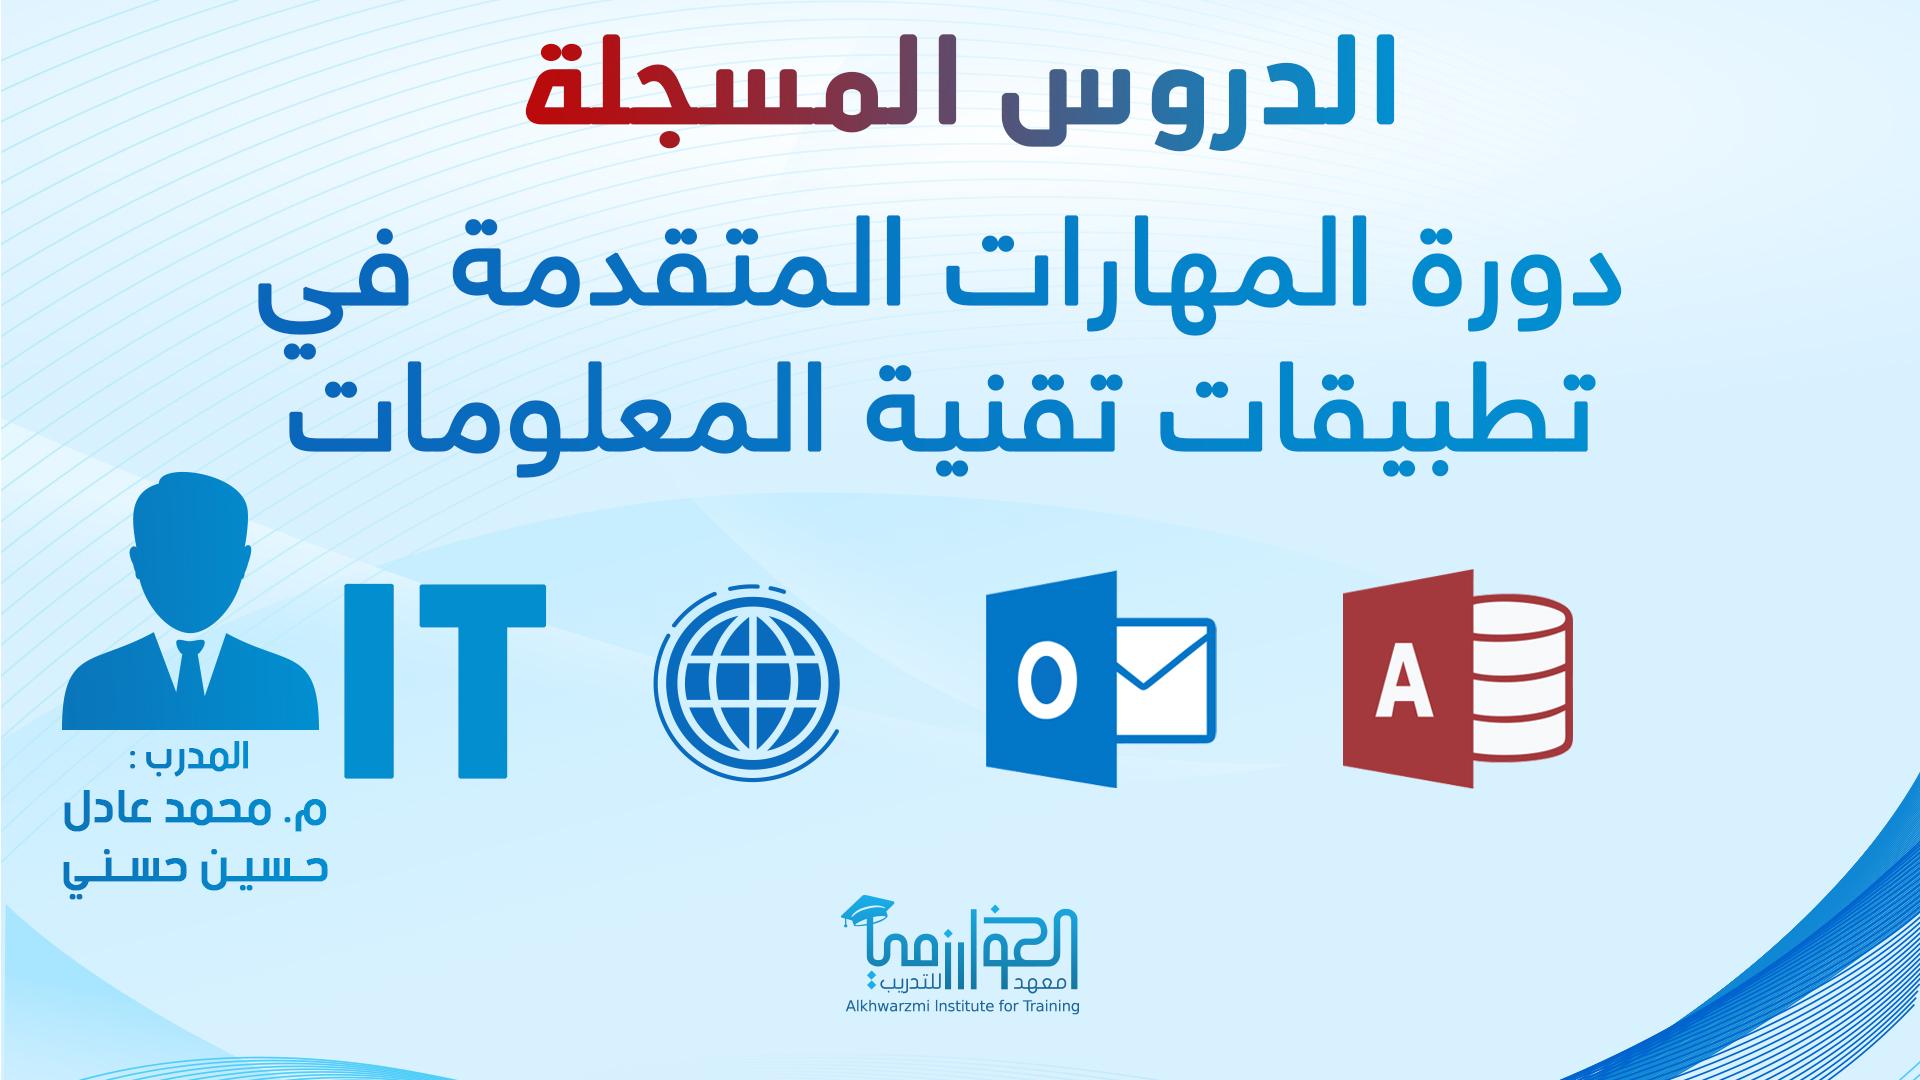 دورة المهارات المتقدمة في تطبيقات تقنية المعلومات [ الدروس المسجلة ]